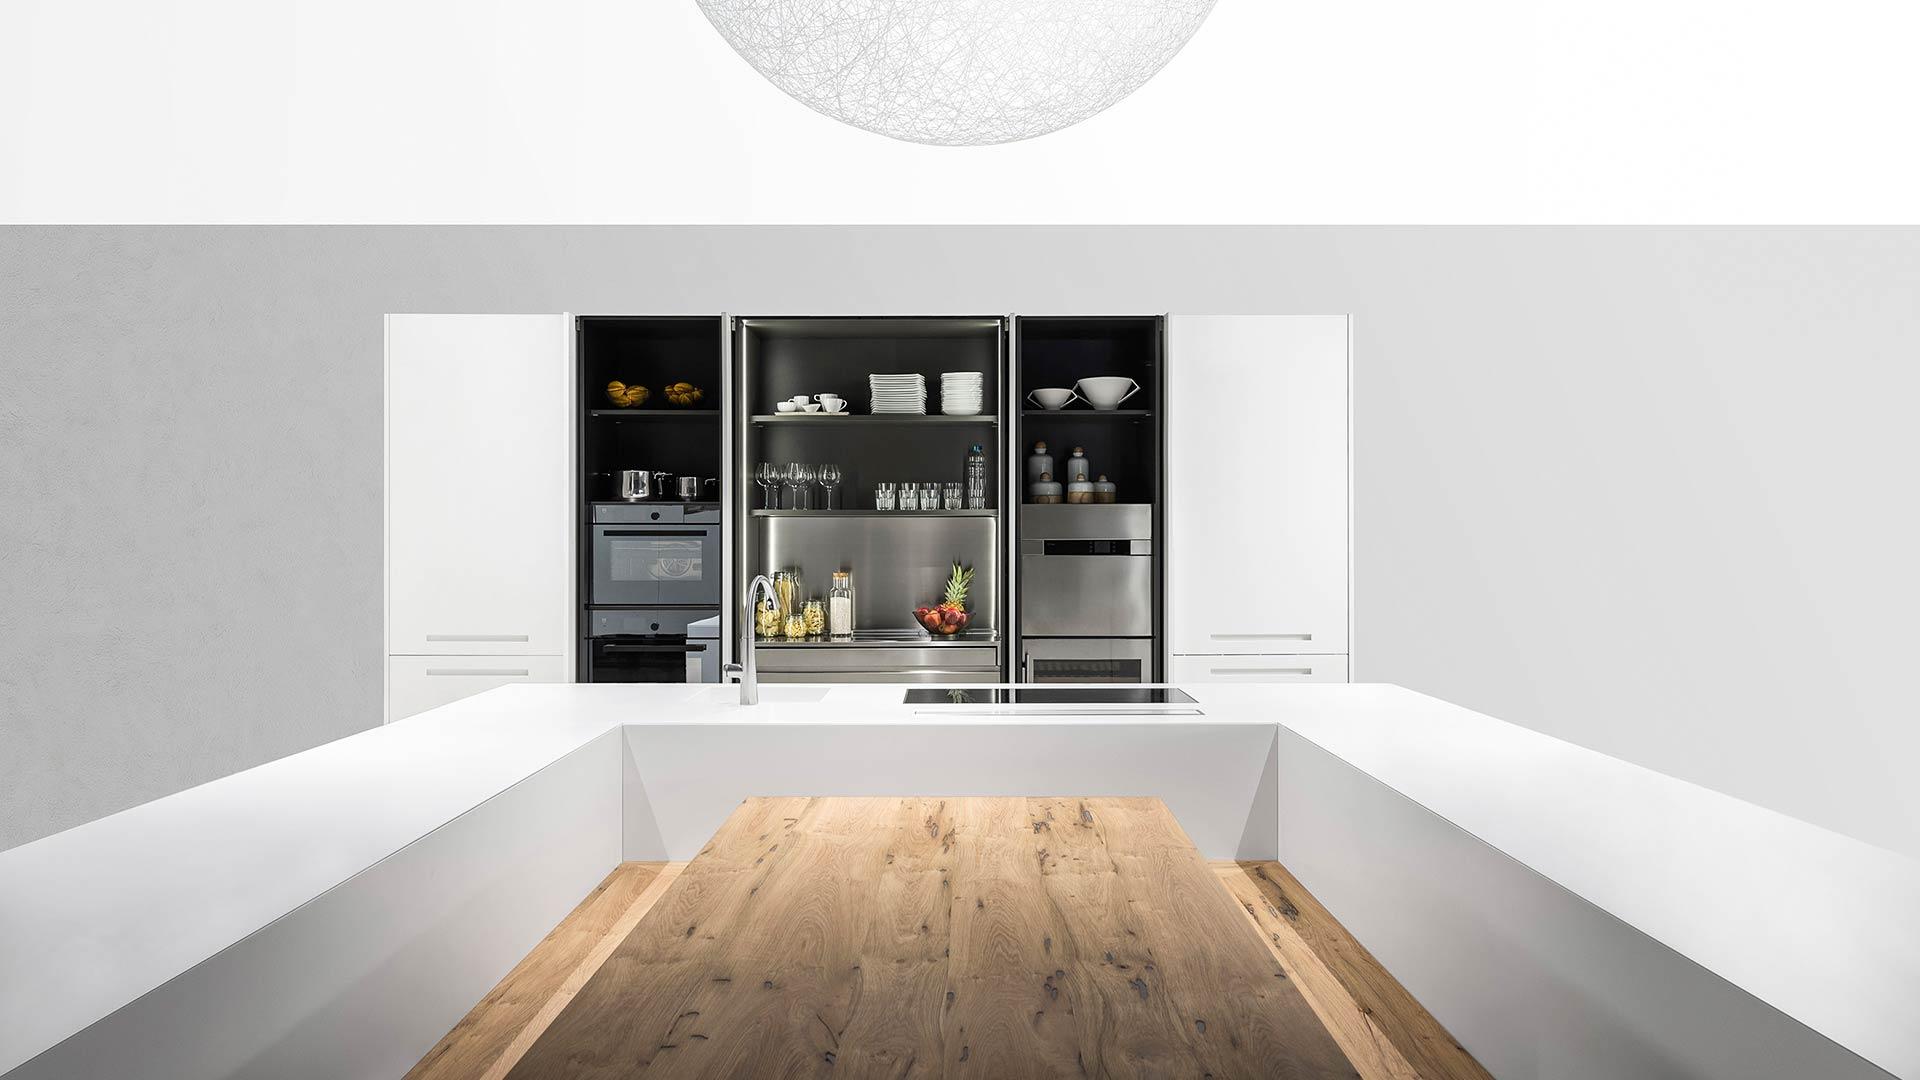 CONCEALED KITCHEN INTEGRATED INTO THE LIVING ARE - TM_G180_lugano_Ferro_di_cavallo_004